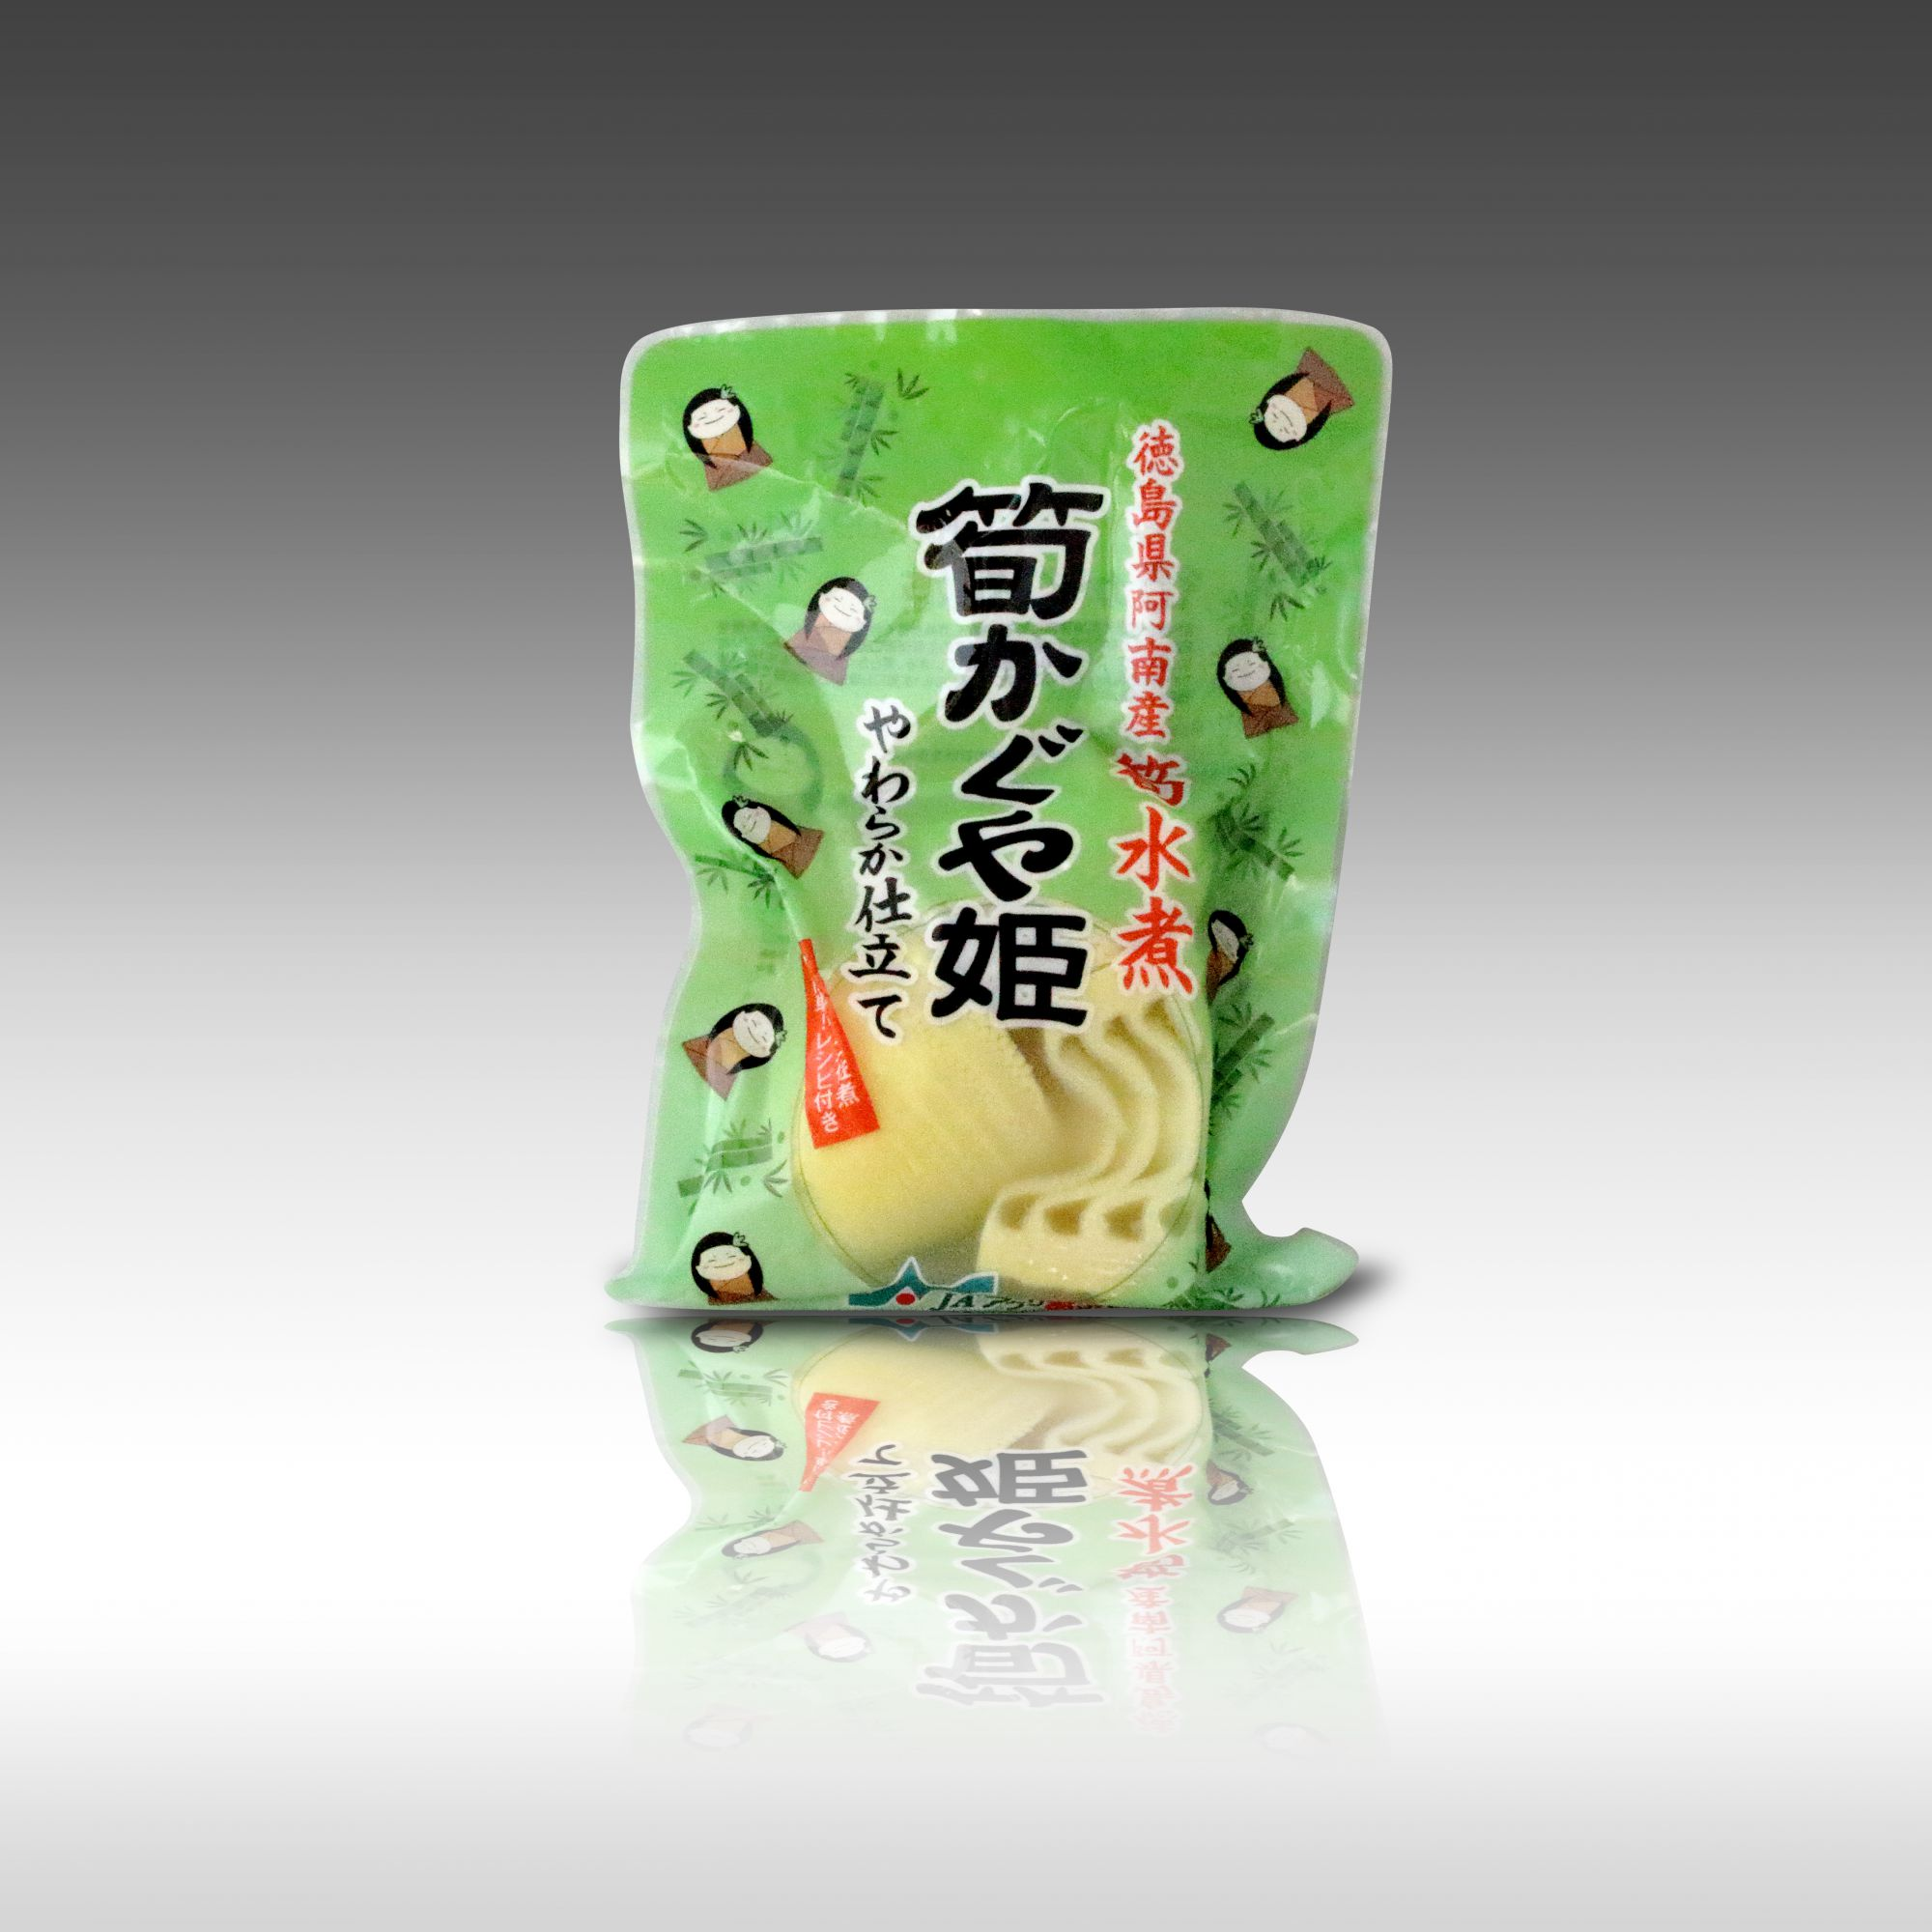 【JAアグリあなん様 たけのこの水煮「筍かぐや姫」パッケージ開発】